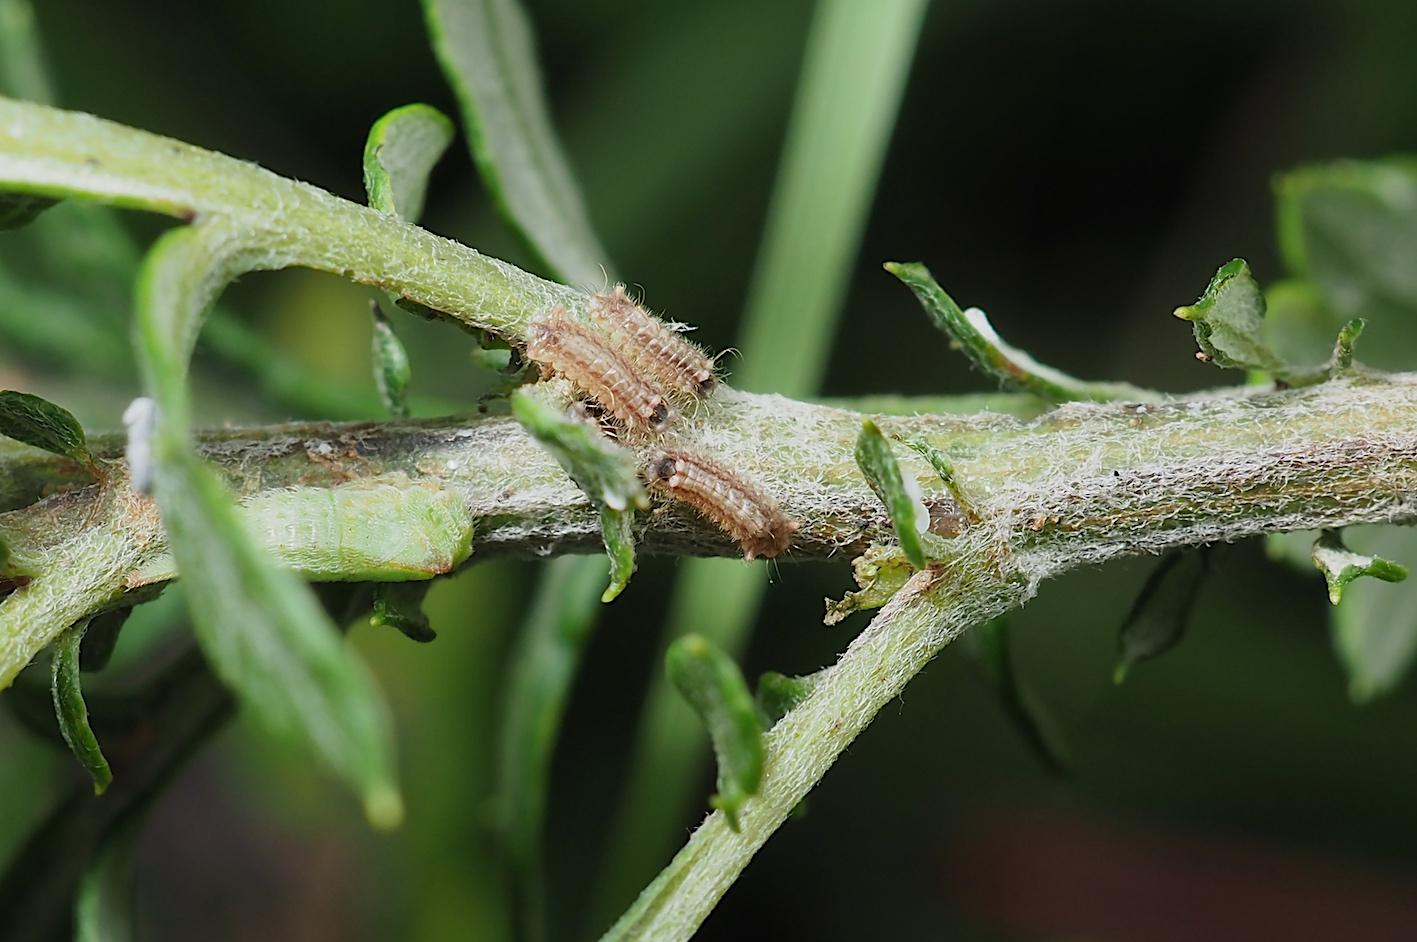 クロシジミ&クロシジミの幼虫(2019年8月27日)_d0303129_4251246.jpg